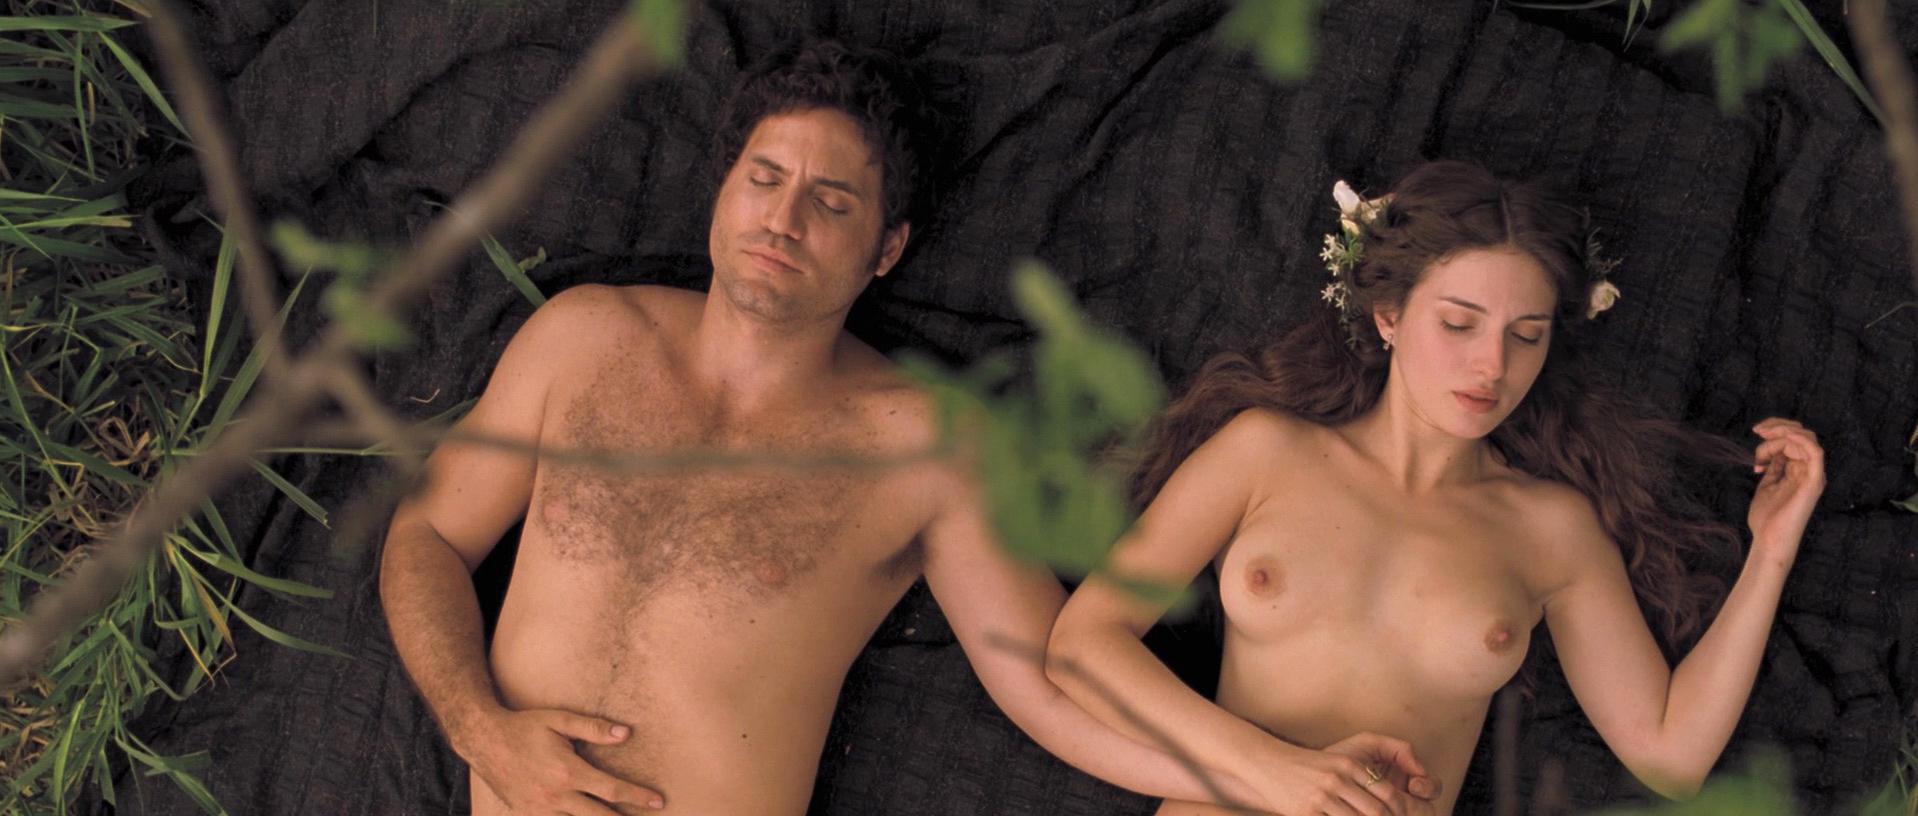 Dania ramirez escenas de desnudos